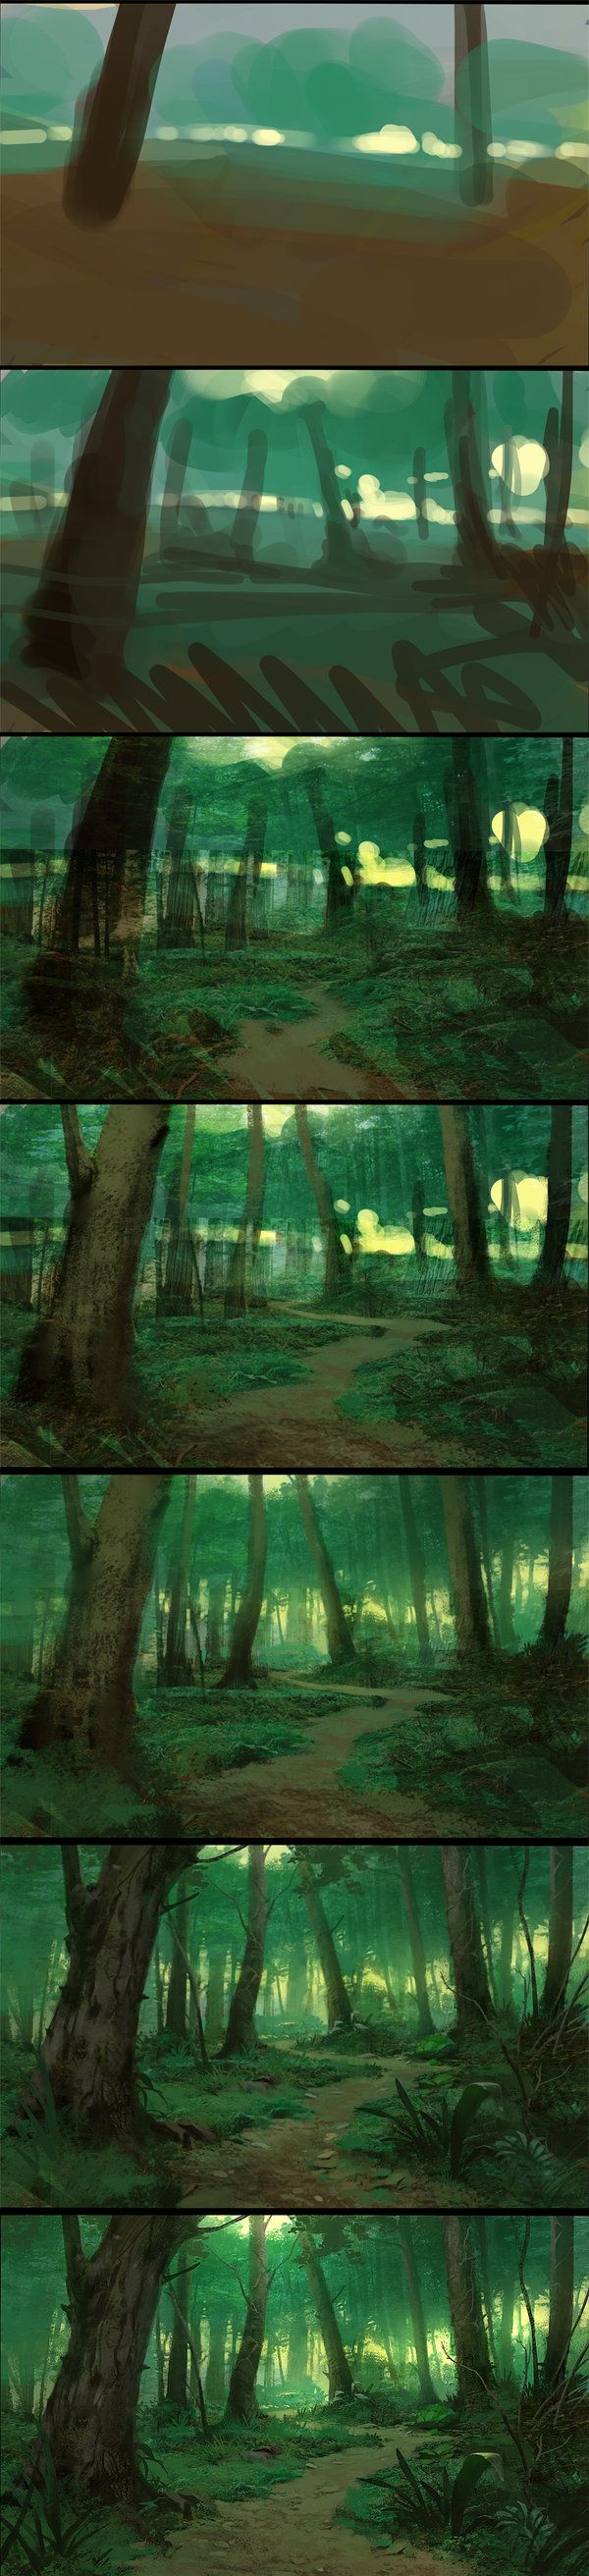 Steps by UnidColor.deviantart.com on @deviantART